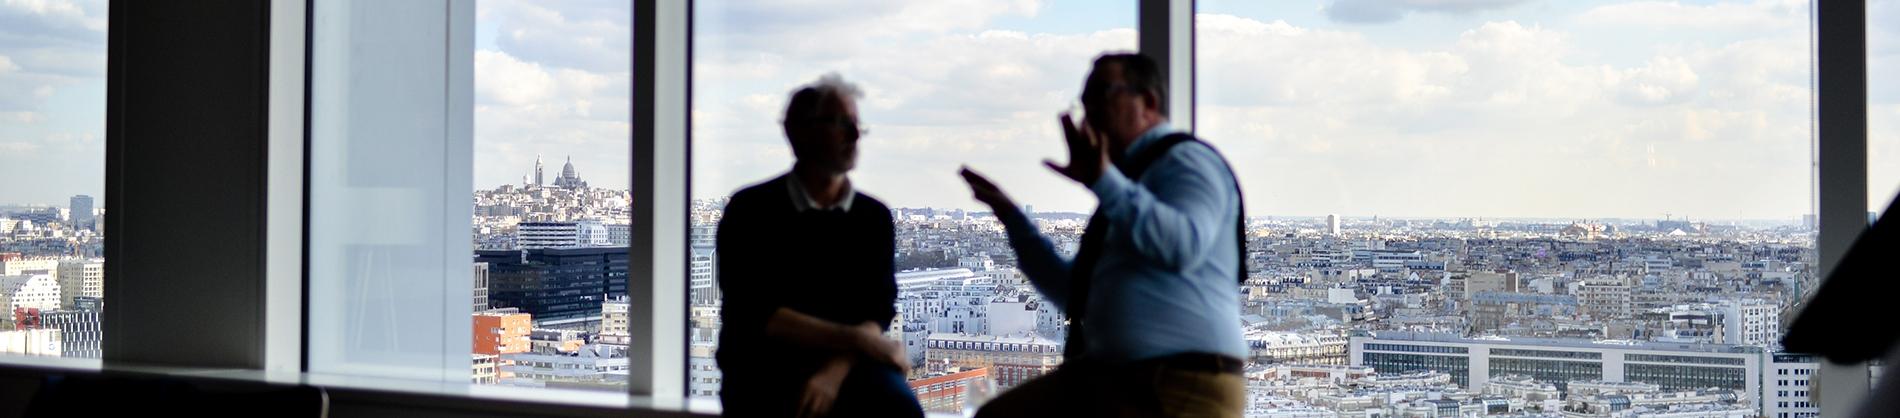 Two men sat on a windowsill talking